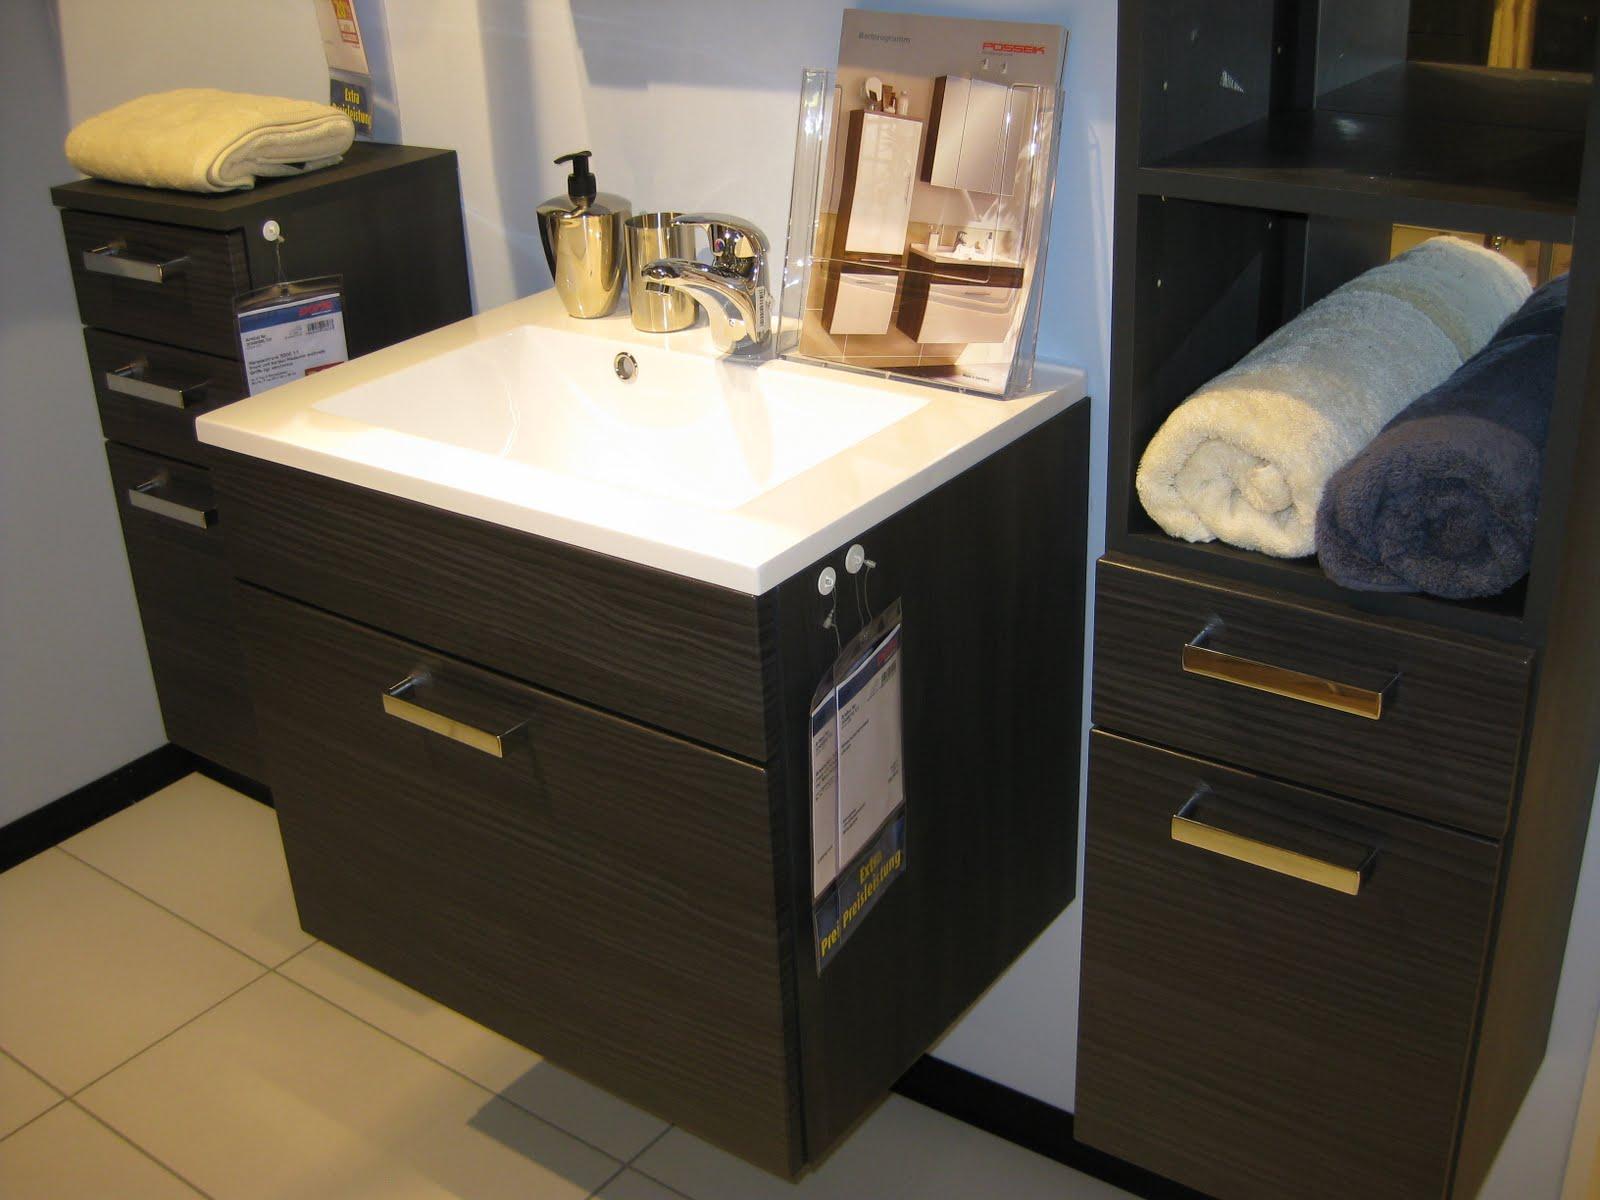 startschuss in steinhagen also doch ein futtertrog. Black Bedroom Furniture Sets. Home Design Ideas